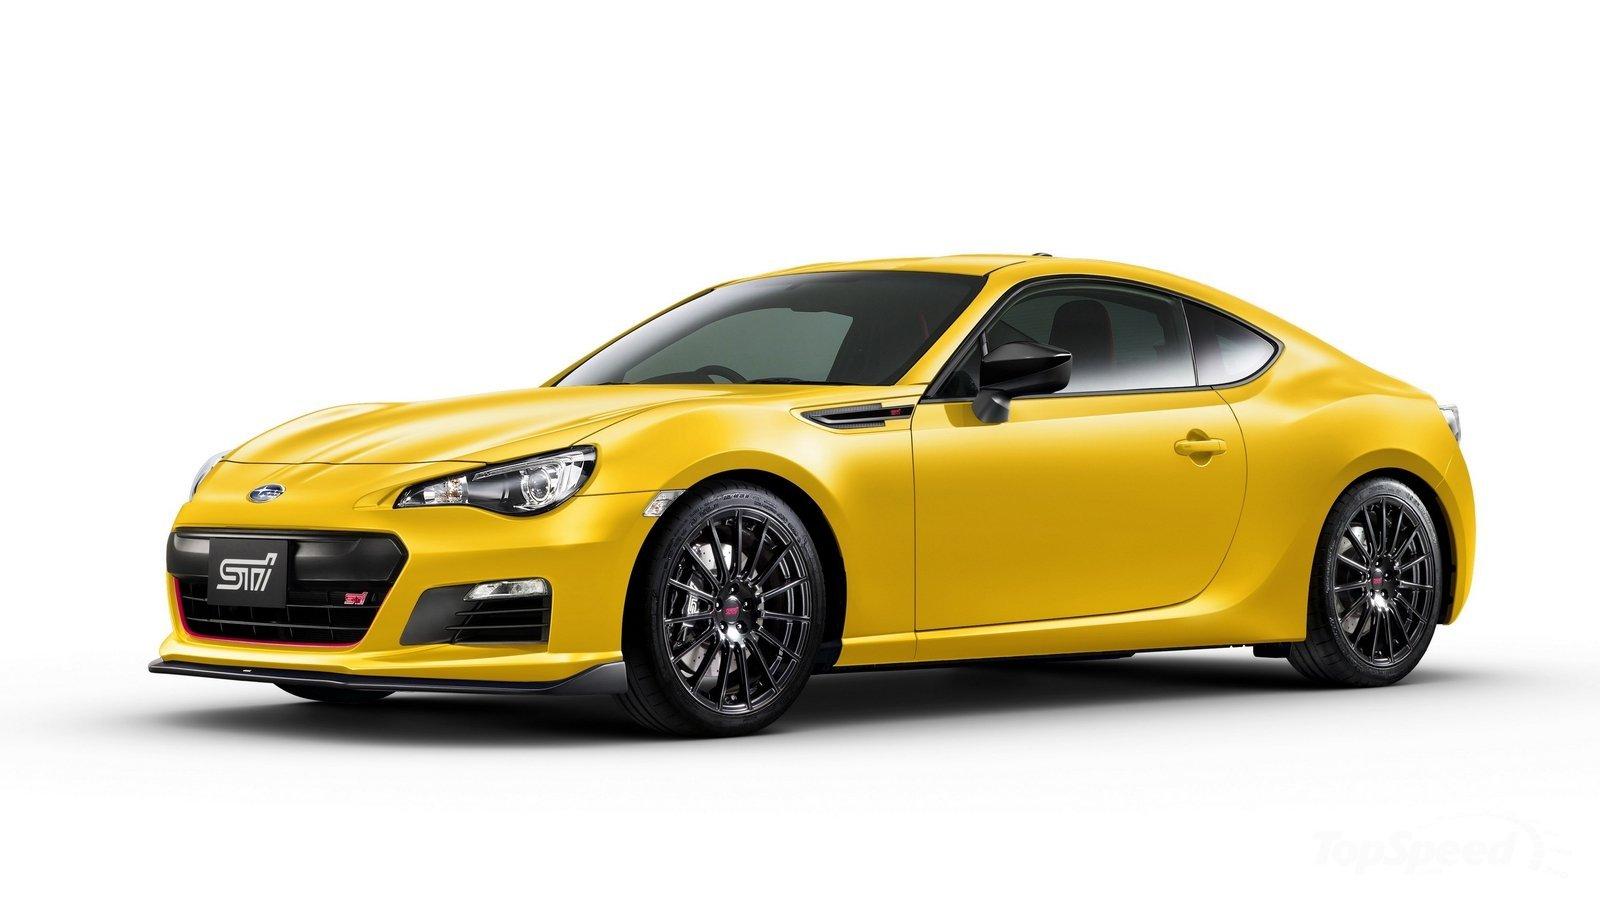 Subaru презентует спецверсию купе BRZ в желтой окраске кузова 2